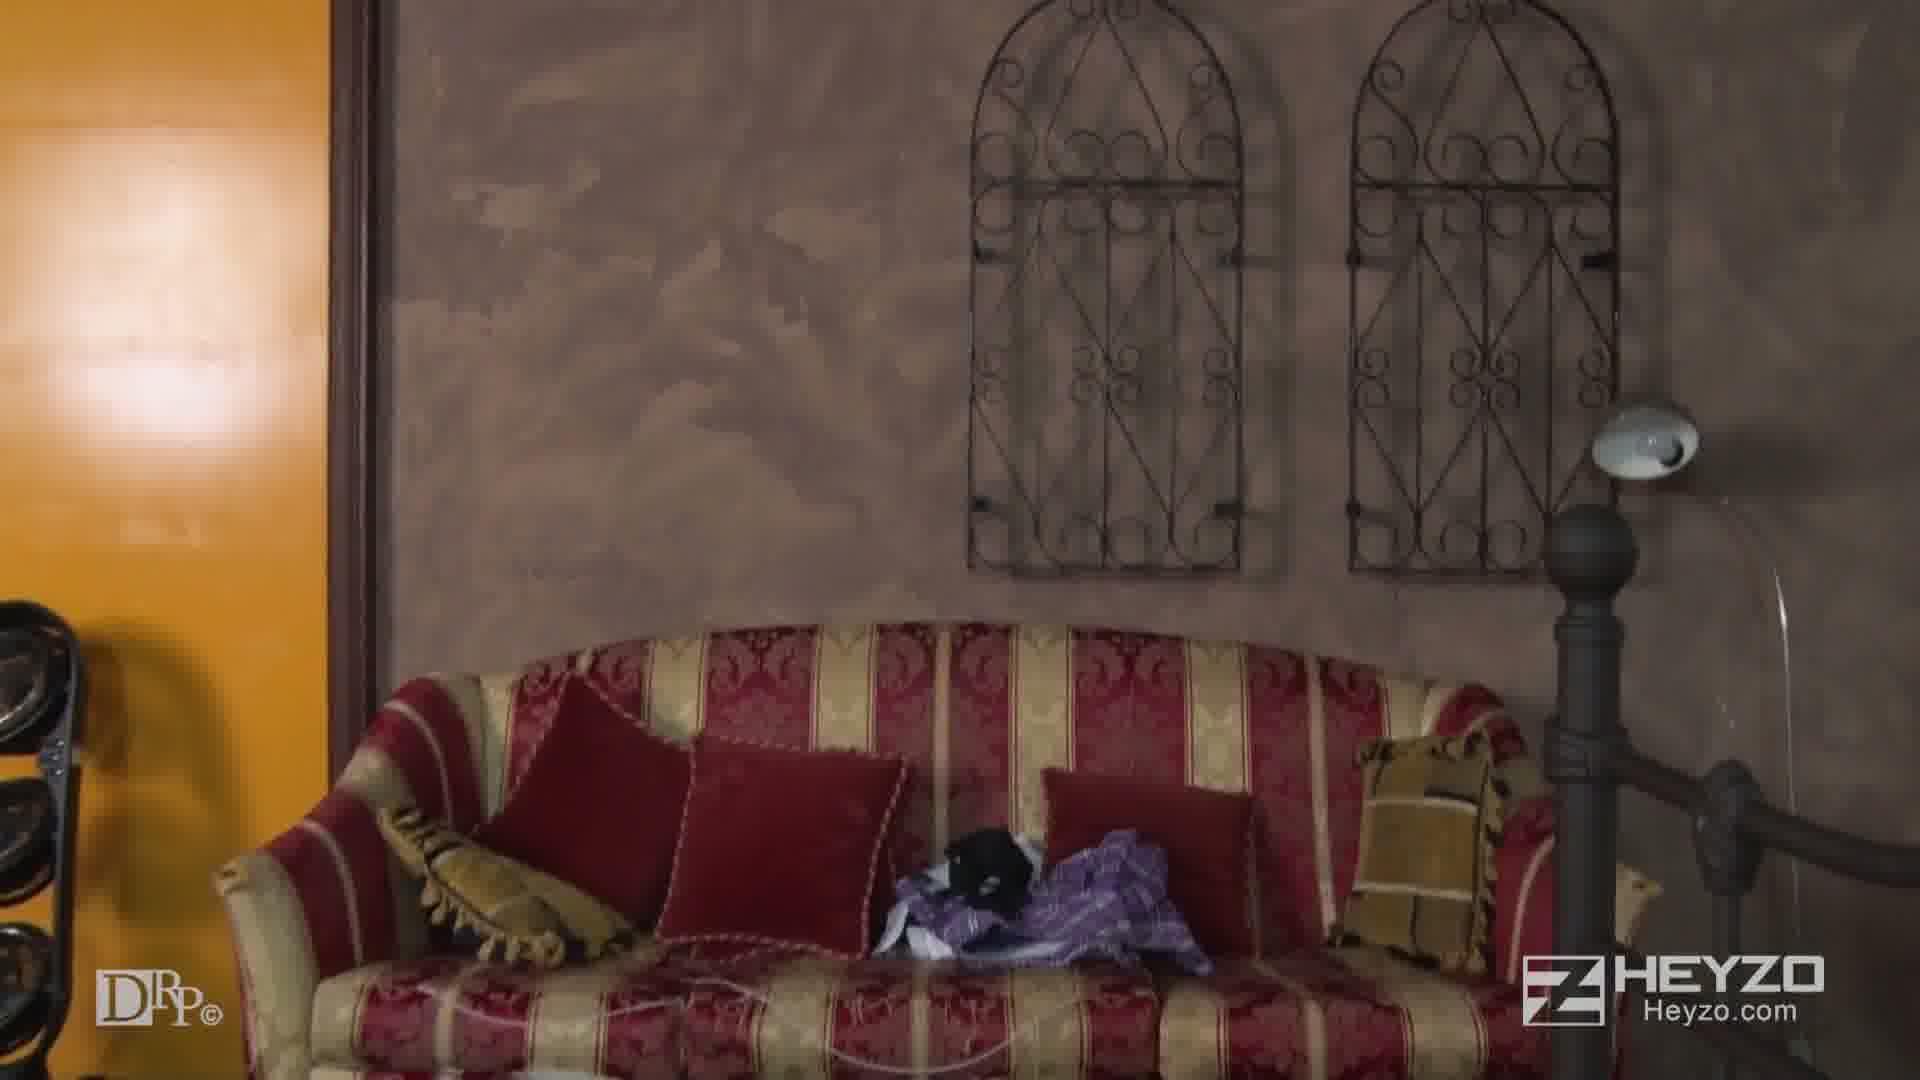 性義の味方!世直し人・美緒参上!!~変態教師を懲らしめる!~ - 大空美緒【拘束 ロープ ビデオ撮影 顔面騎乗 クンニ】